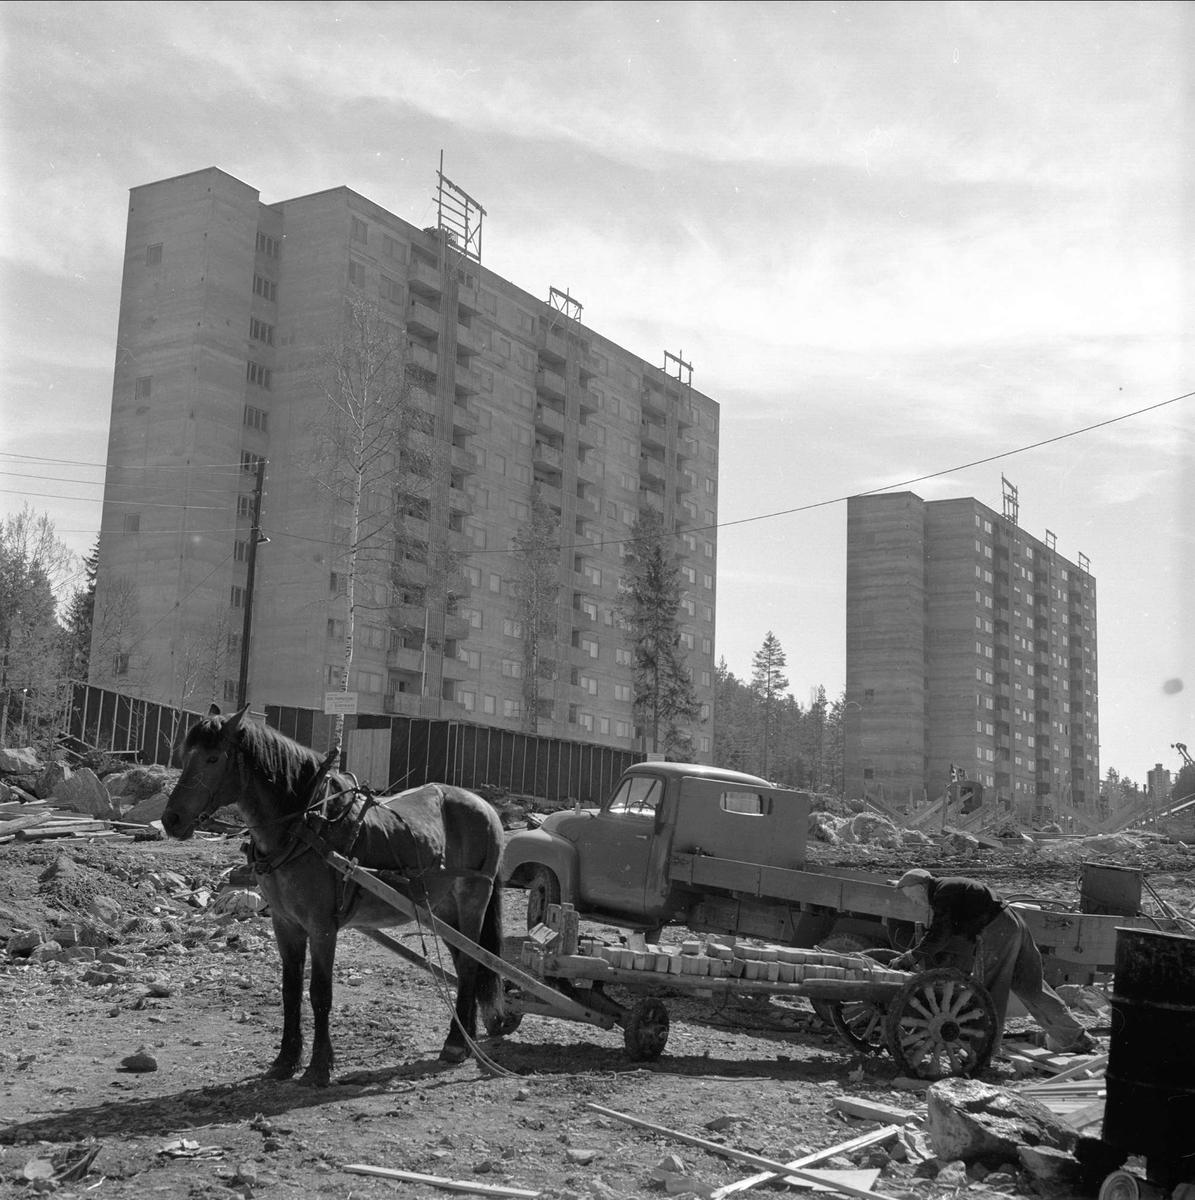 Bølerlia, Oslo, 19.06.1956. Boligblokker, lastebil og mann med hest og vogn.